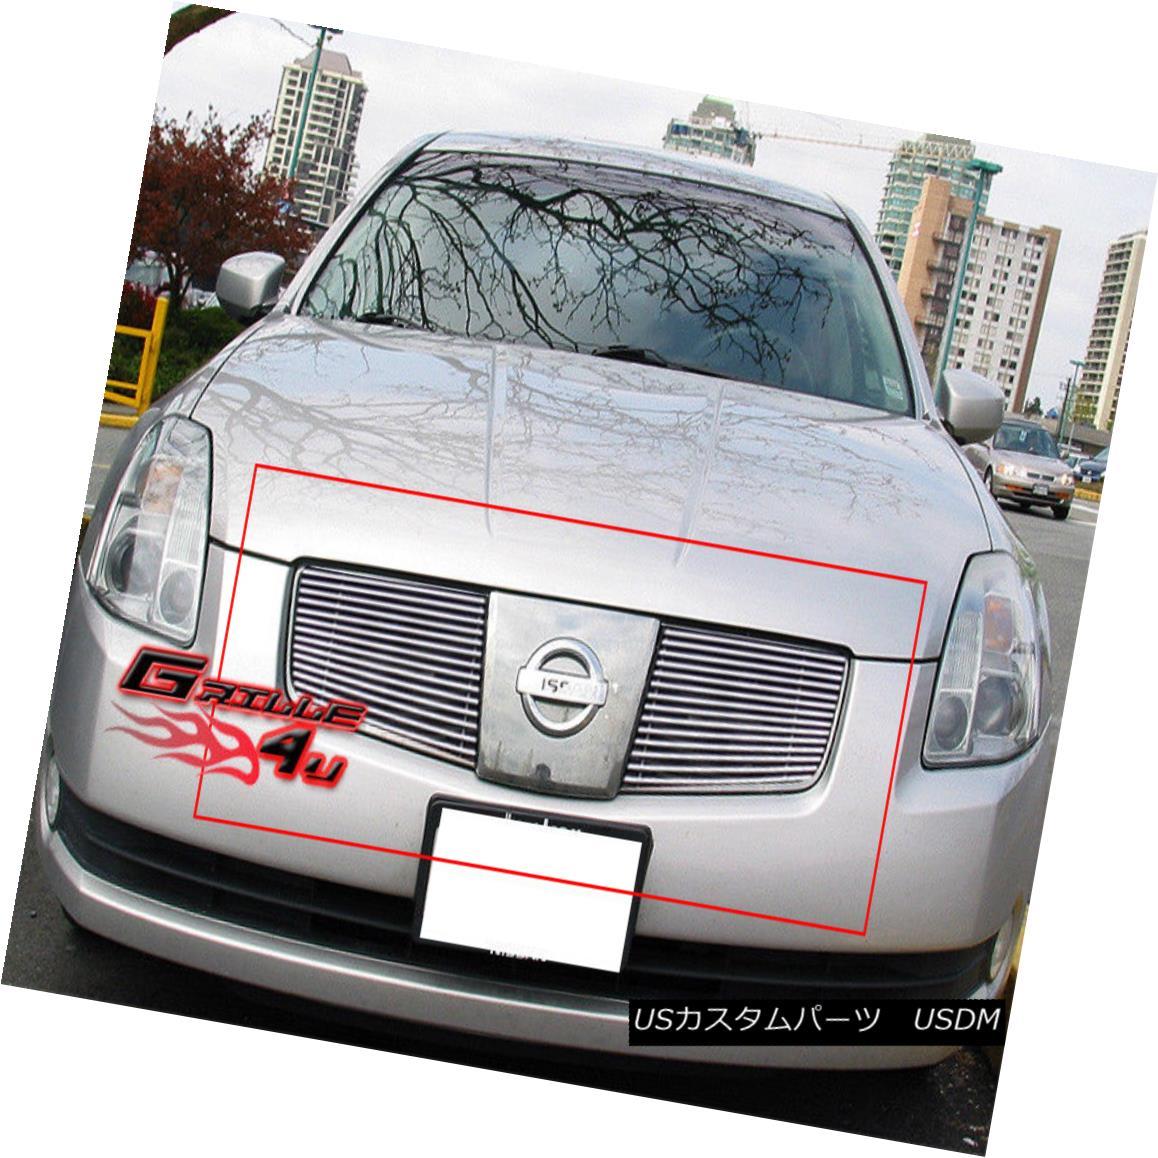 グリル Fits 2004-2006 Nissan Maxima Main Upper Billet Grille Insert フィット2004-2006日産マキシマメインアッパービレットグリルインサート